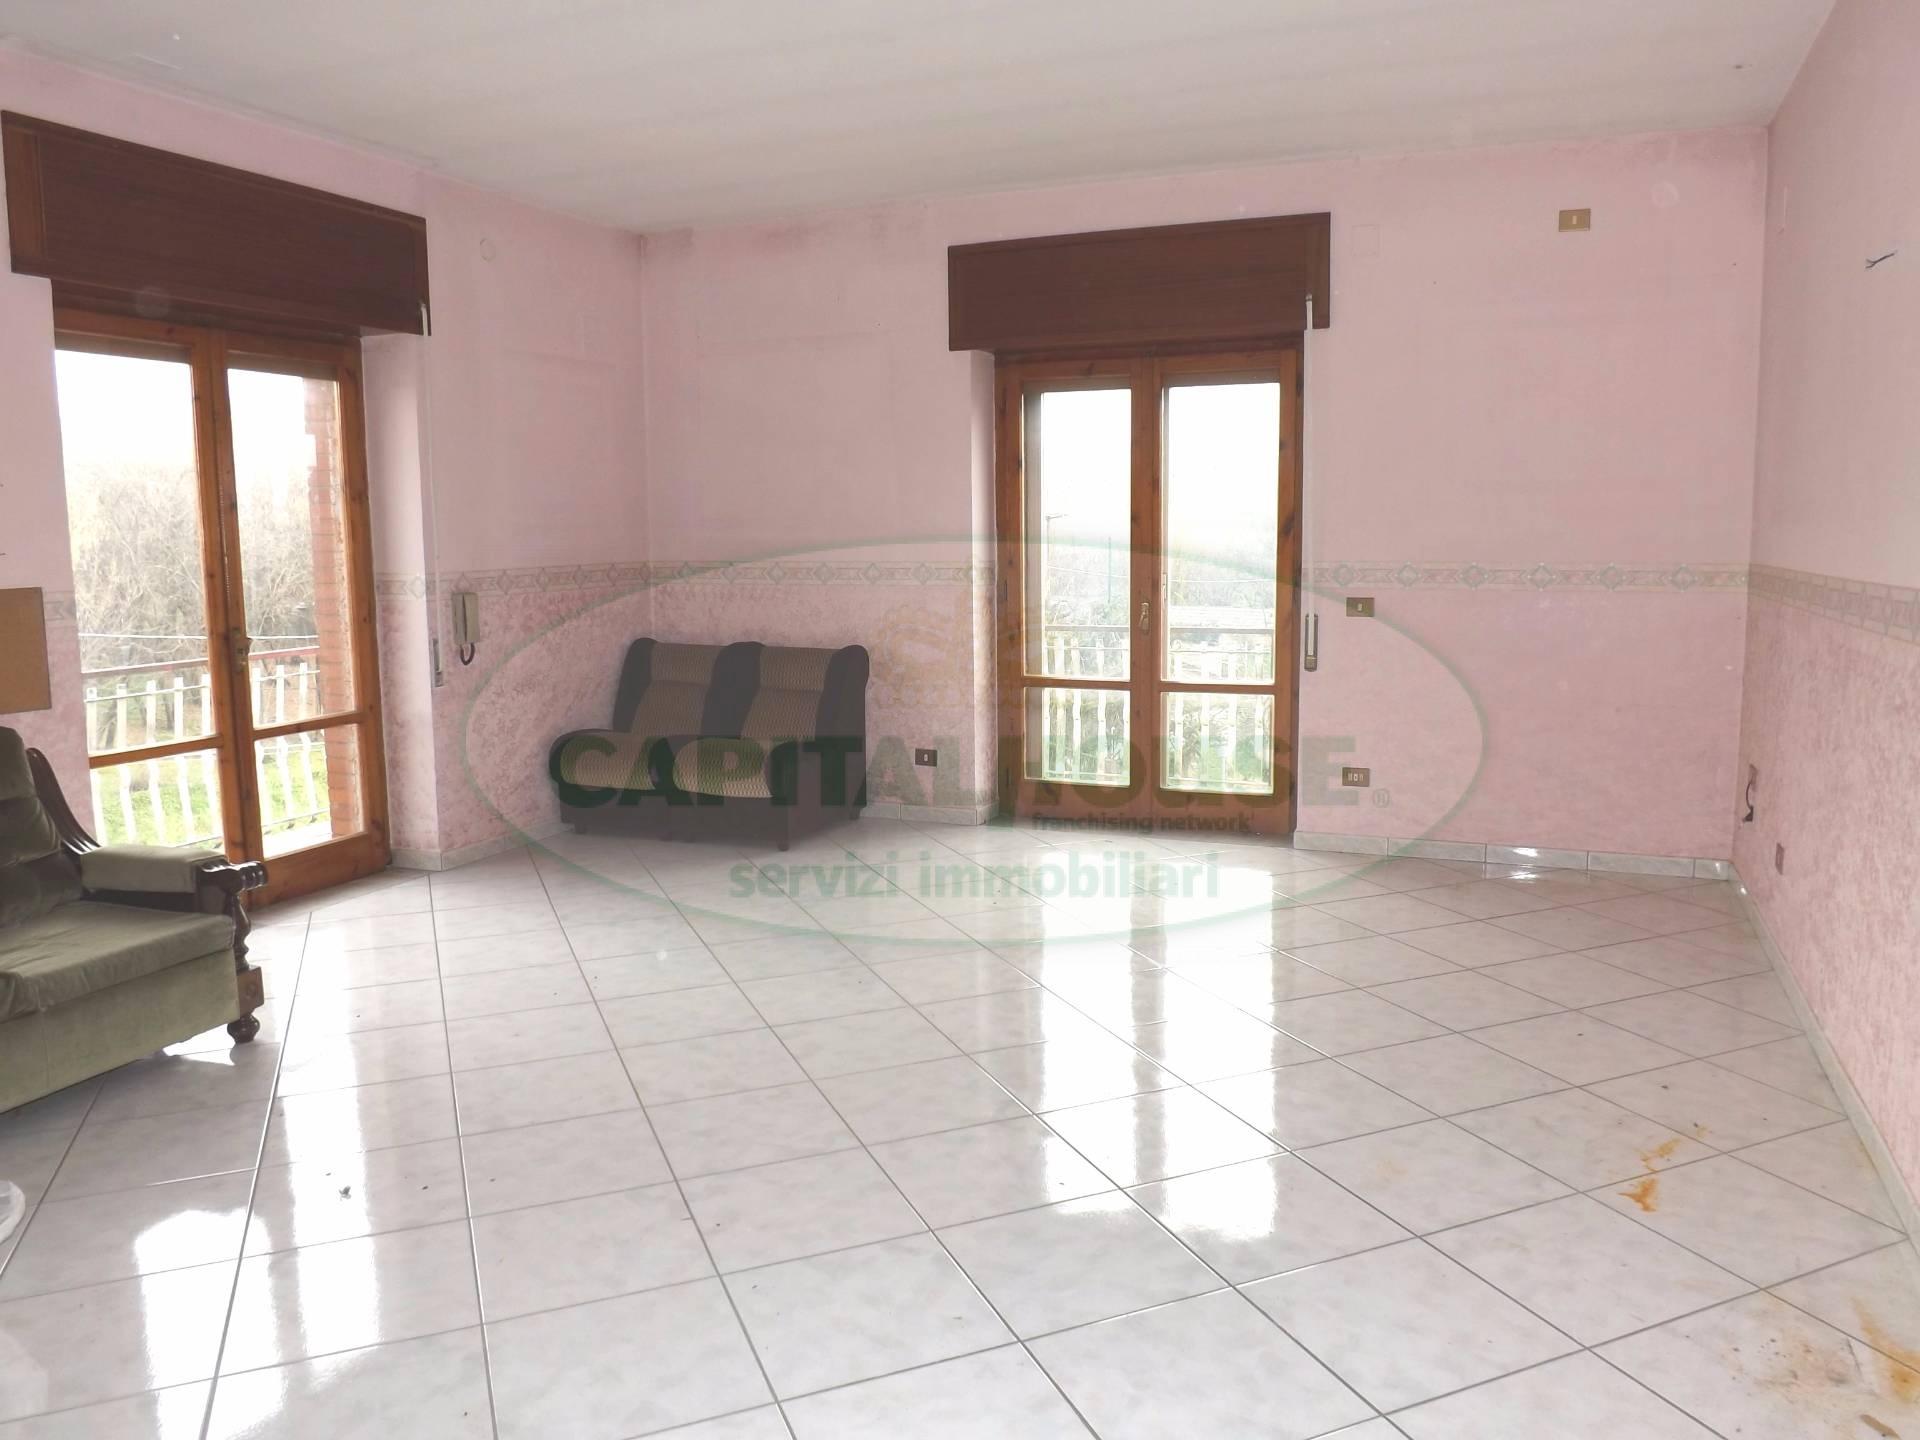 Appartamento in Vendita a Cesinali